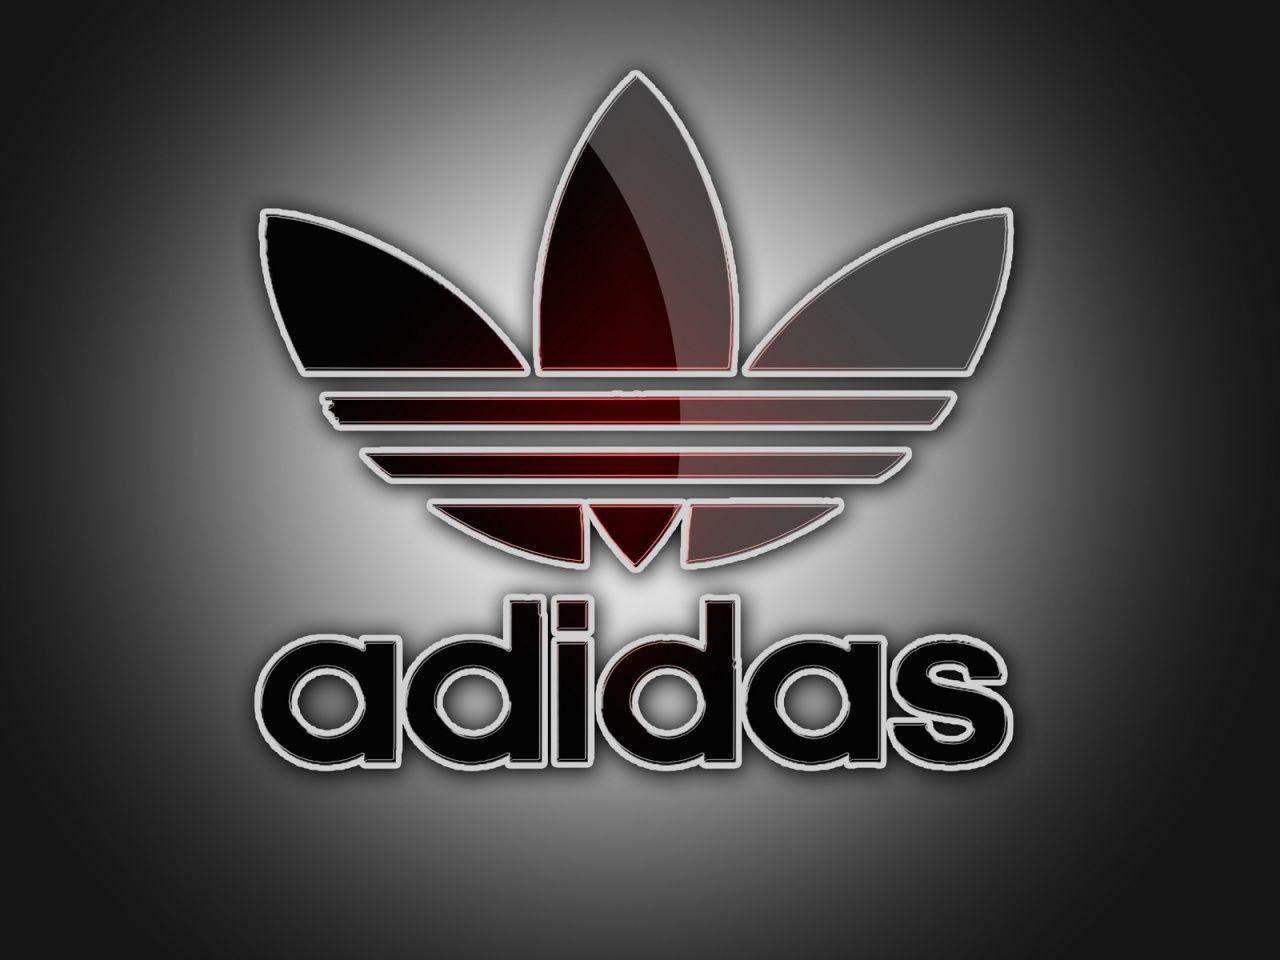 Cool Logos Jpg 1280 960 Adidas Logo Wallpapers Adidas Wallpapers Adidas Iphone Wallpaper